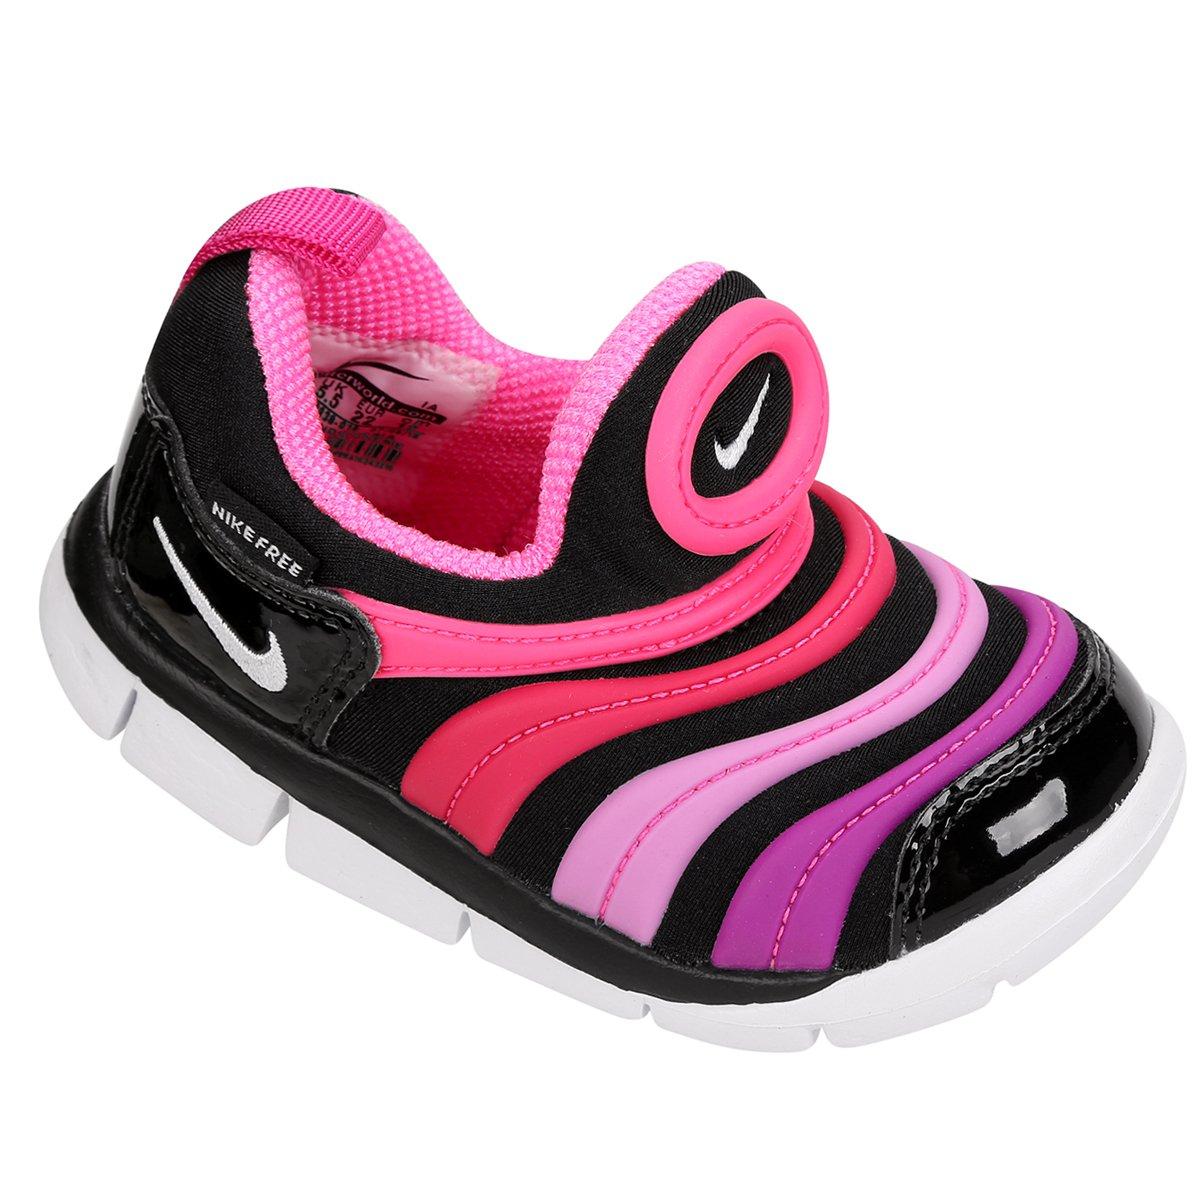 ... Tênis Infantil Nike Dynamo Free - Preto e Pink - Compre Agora Shop . ed260dfe489